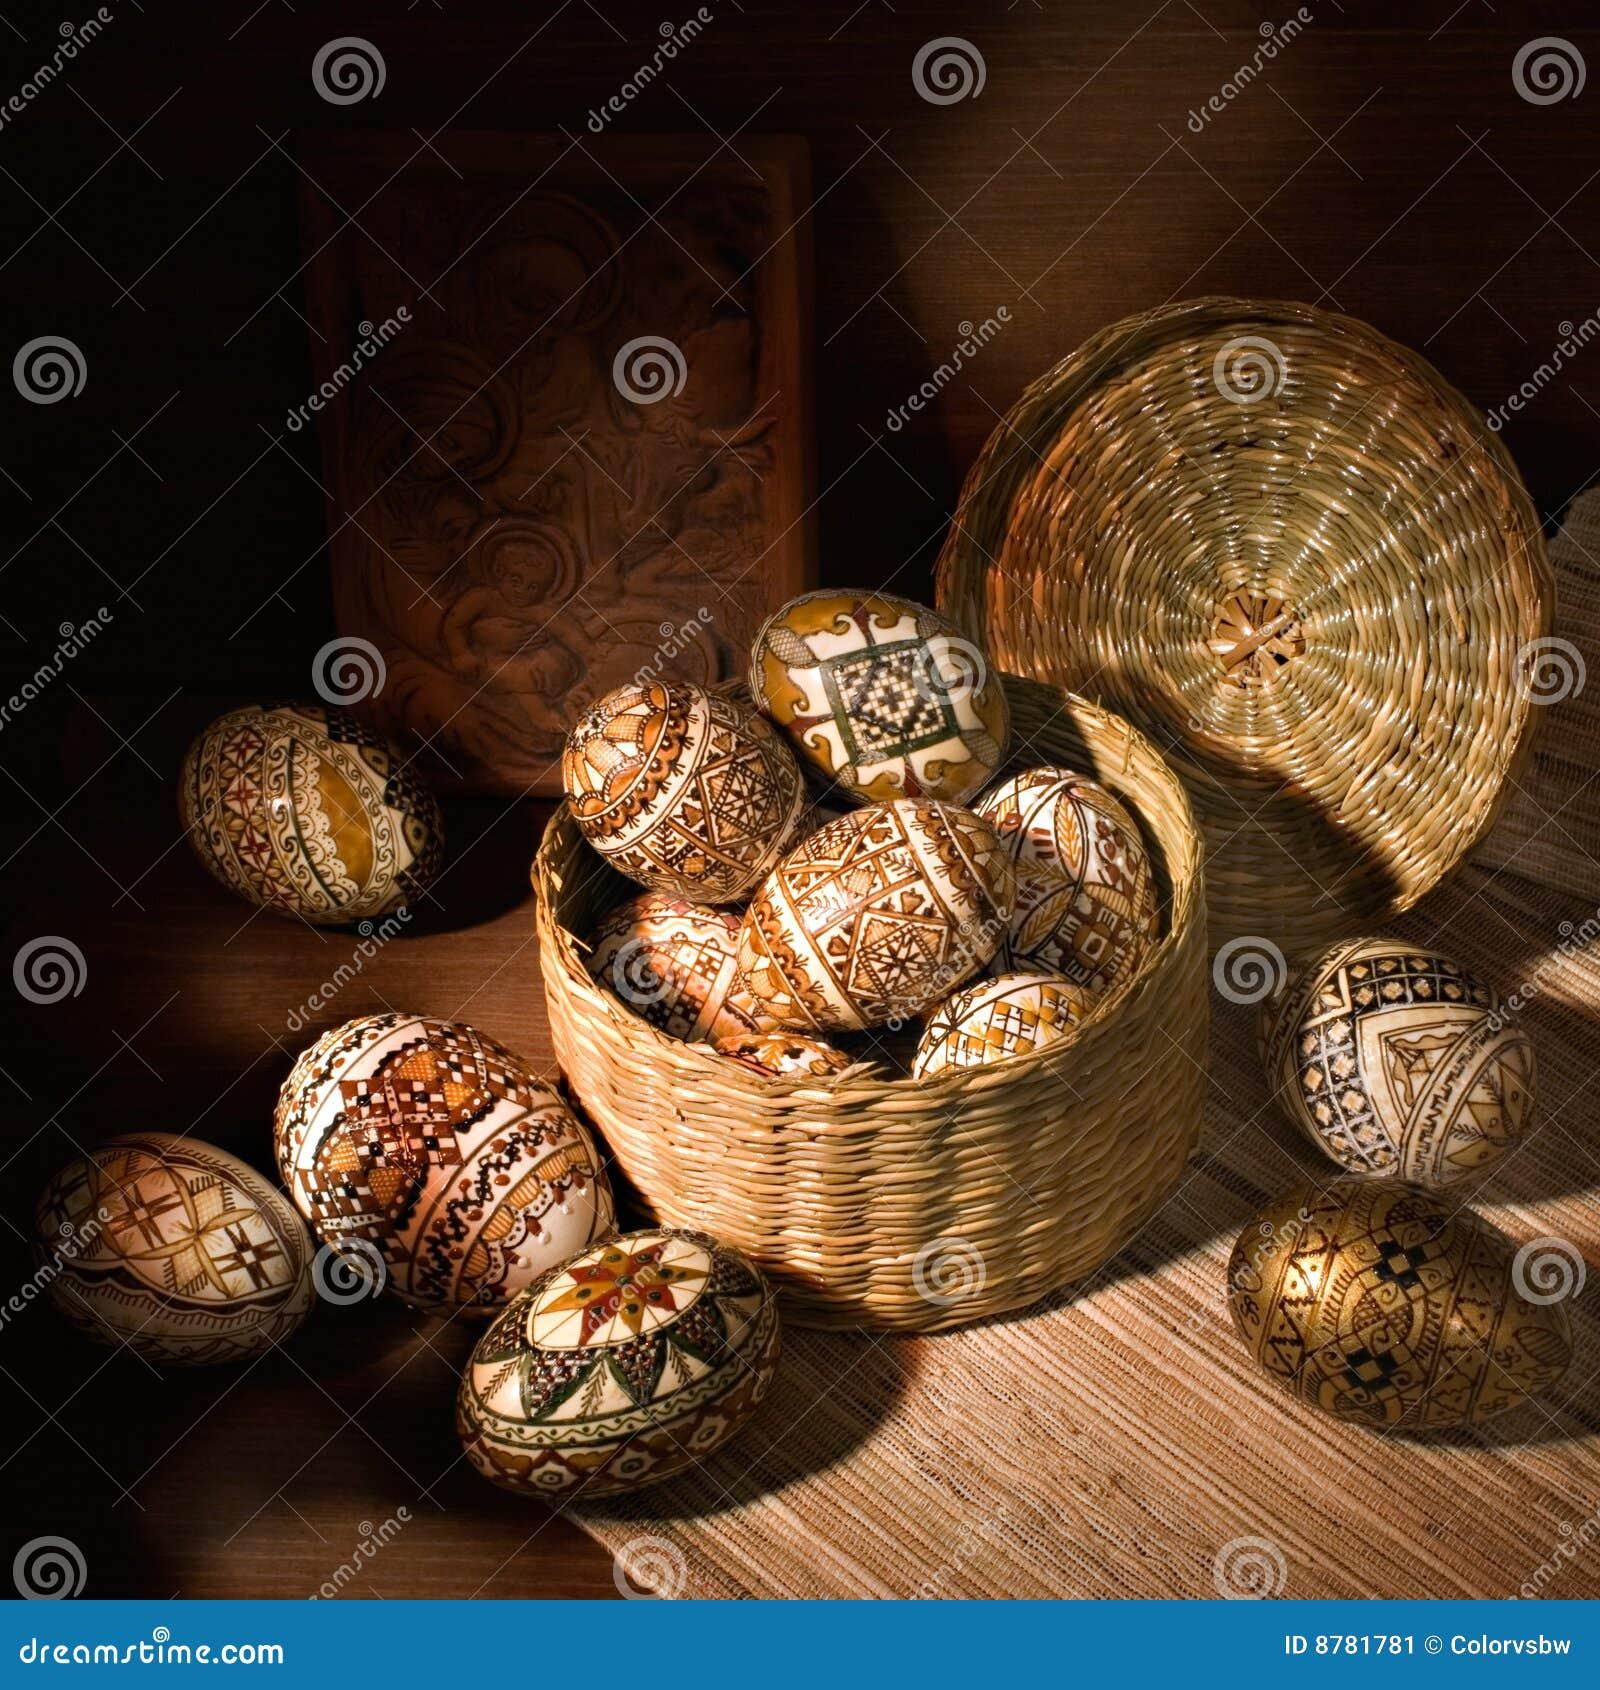 Oeuf de pâques décoré roumain fabriqué à la main